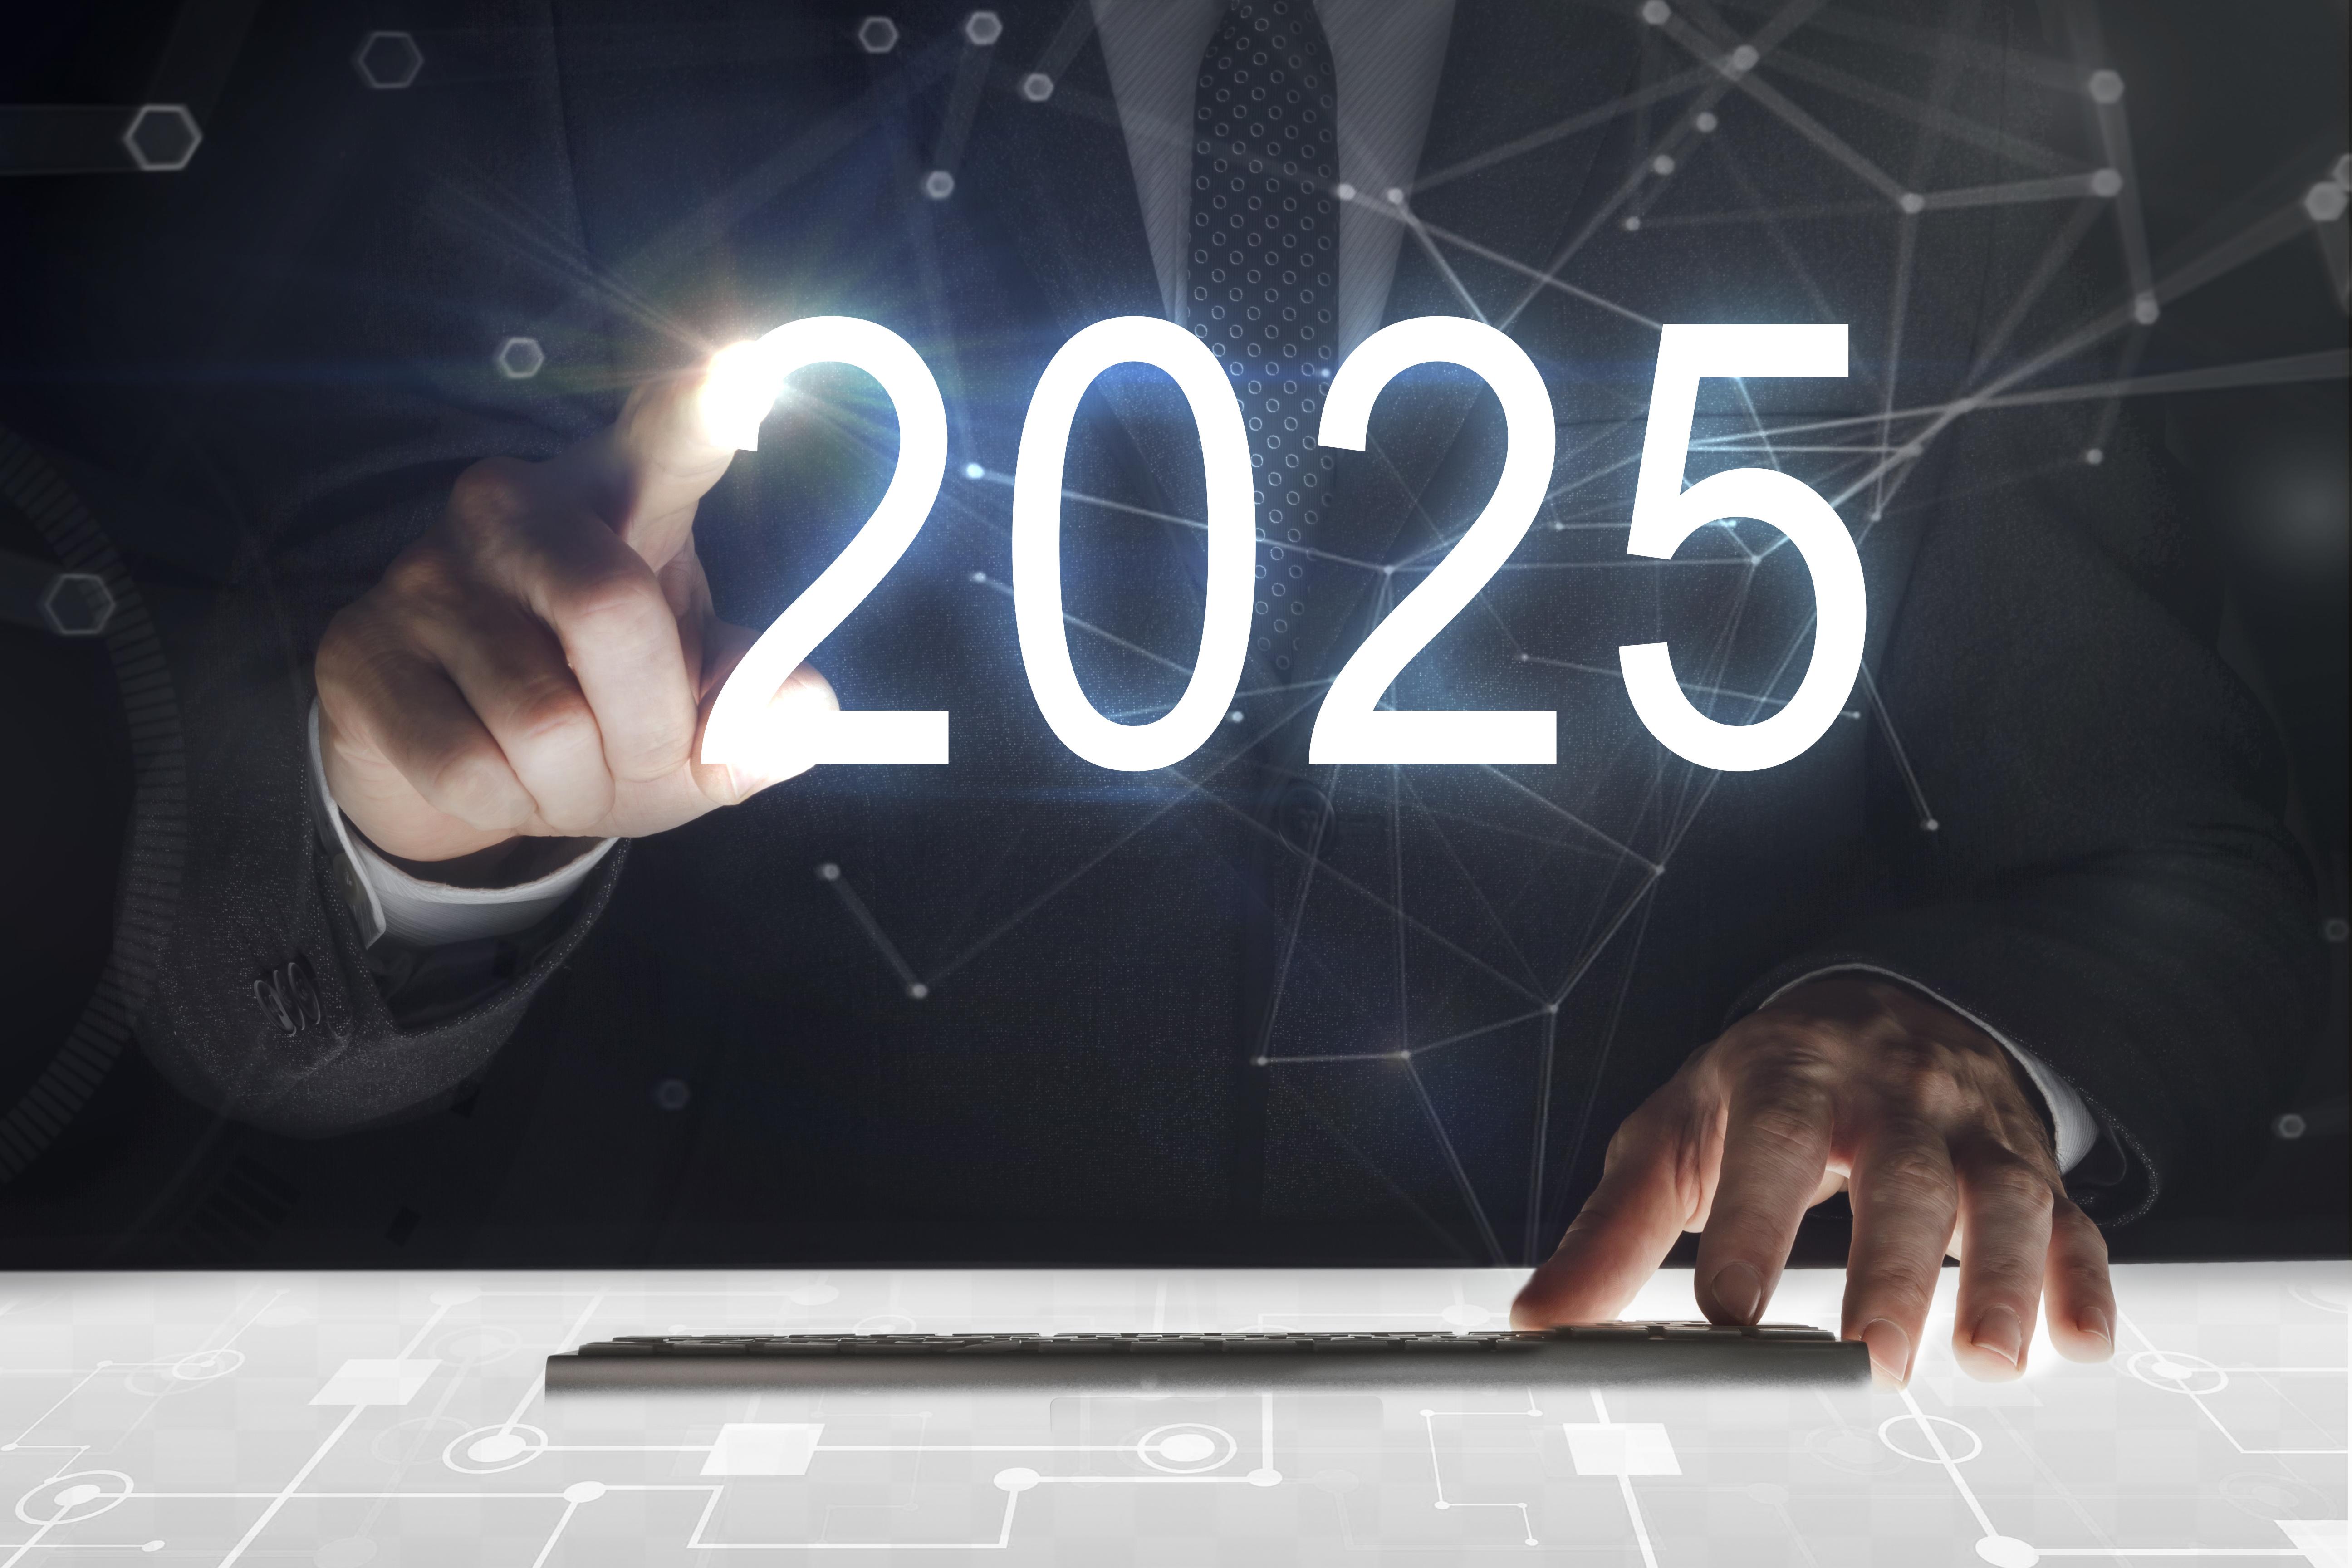 2025年の崖を乗り越える